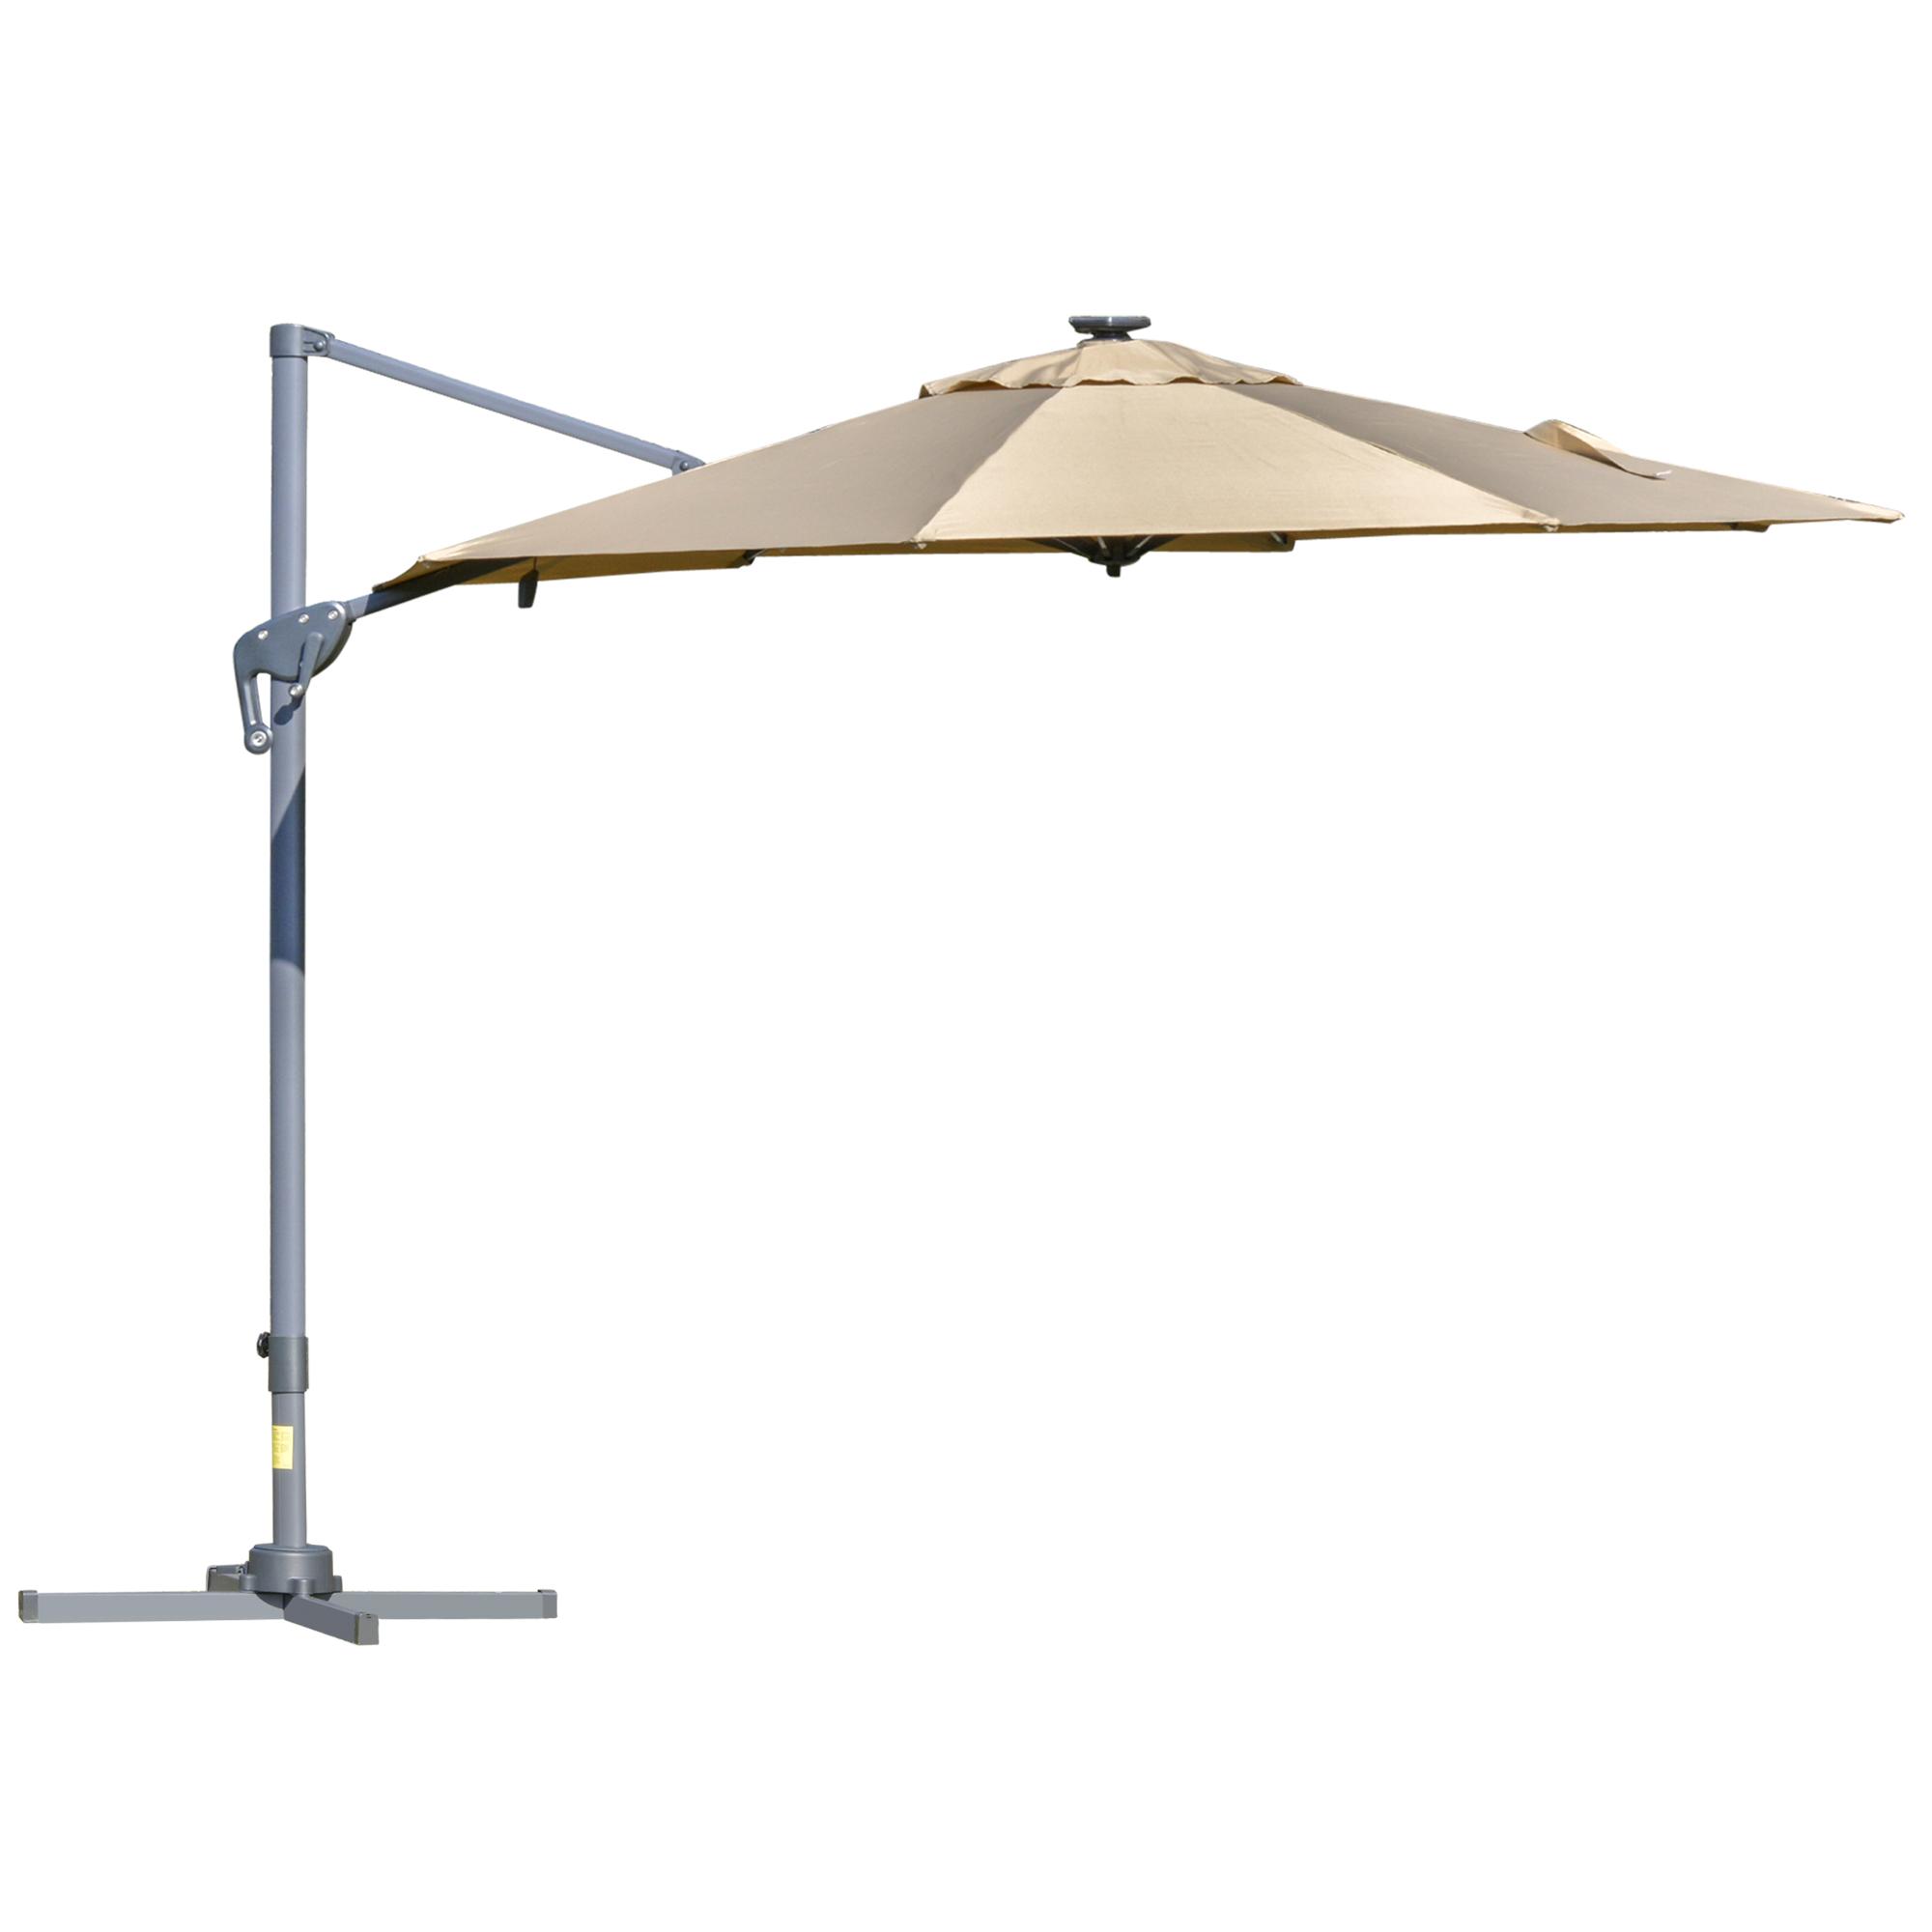 Parasol déporté LED octogonal inclinable pivotant 360° beige